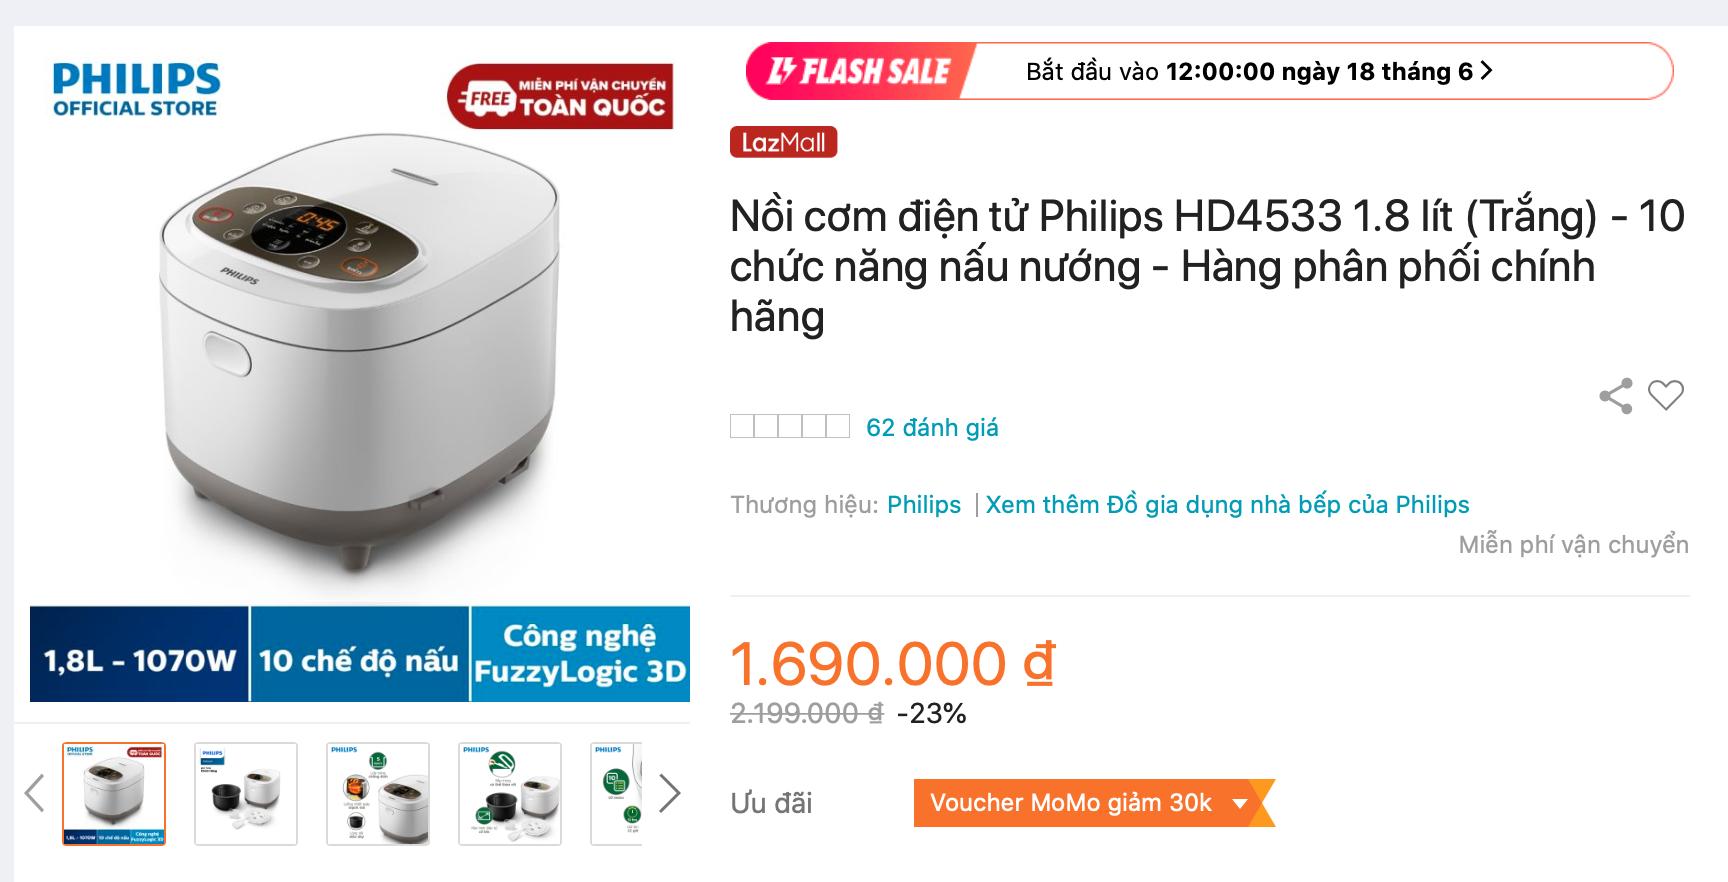 Nồi cơm điện Philips HD4533 được bán trên Lazada với giá cực tốt